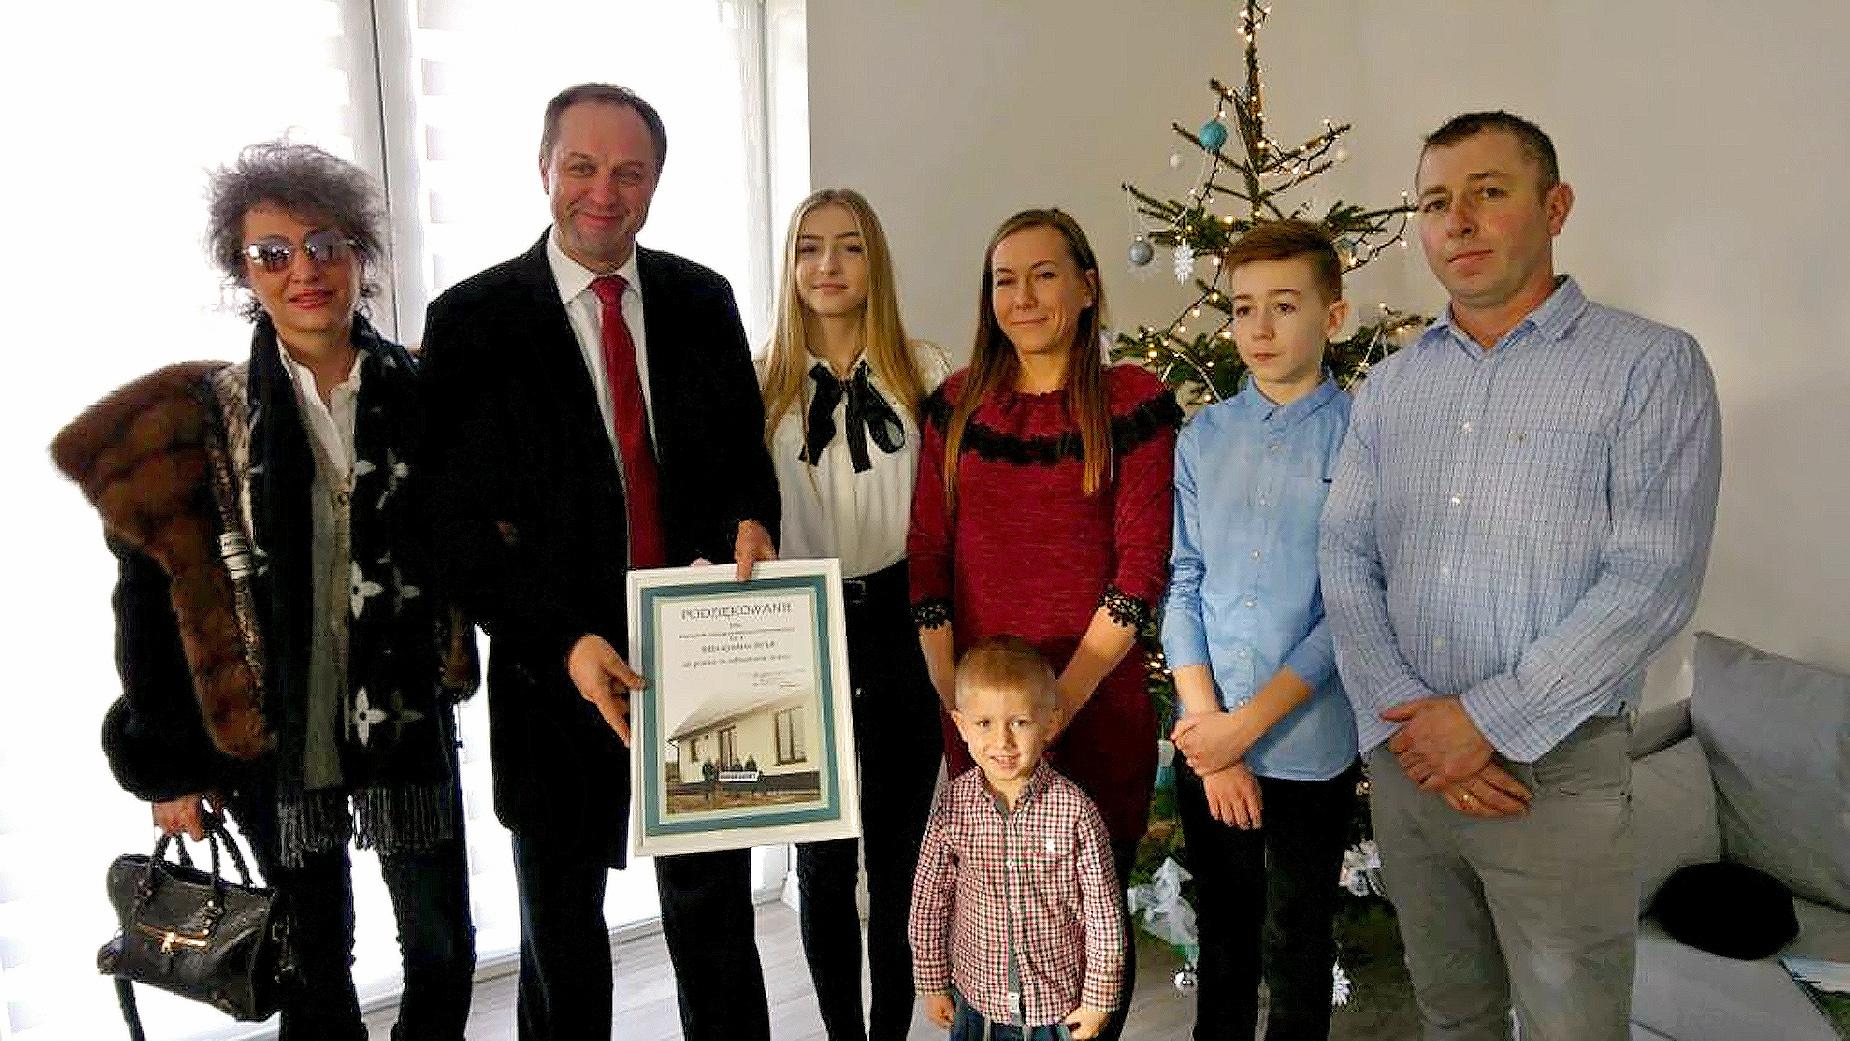 Rodzina Gostomskich, której pomógł biznesmen z Pomorza, święta spędzi w nowym domu. Wiele osób nadal czeka na obiecaną pomoc rządową